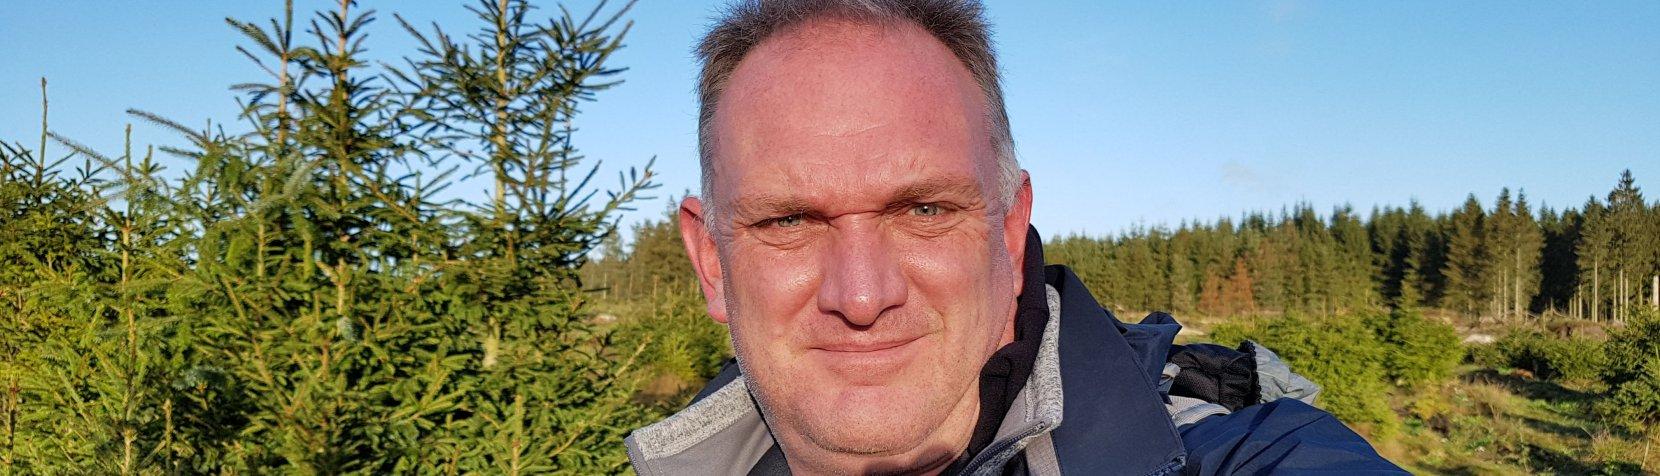 Naturvejleder Morten D.D. Hansen